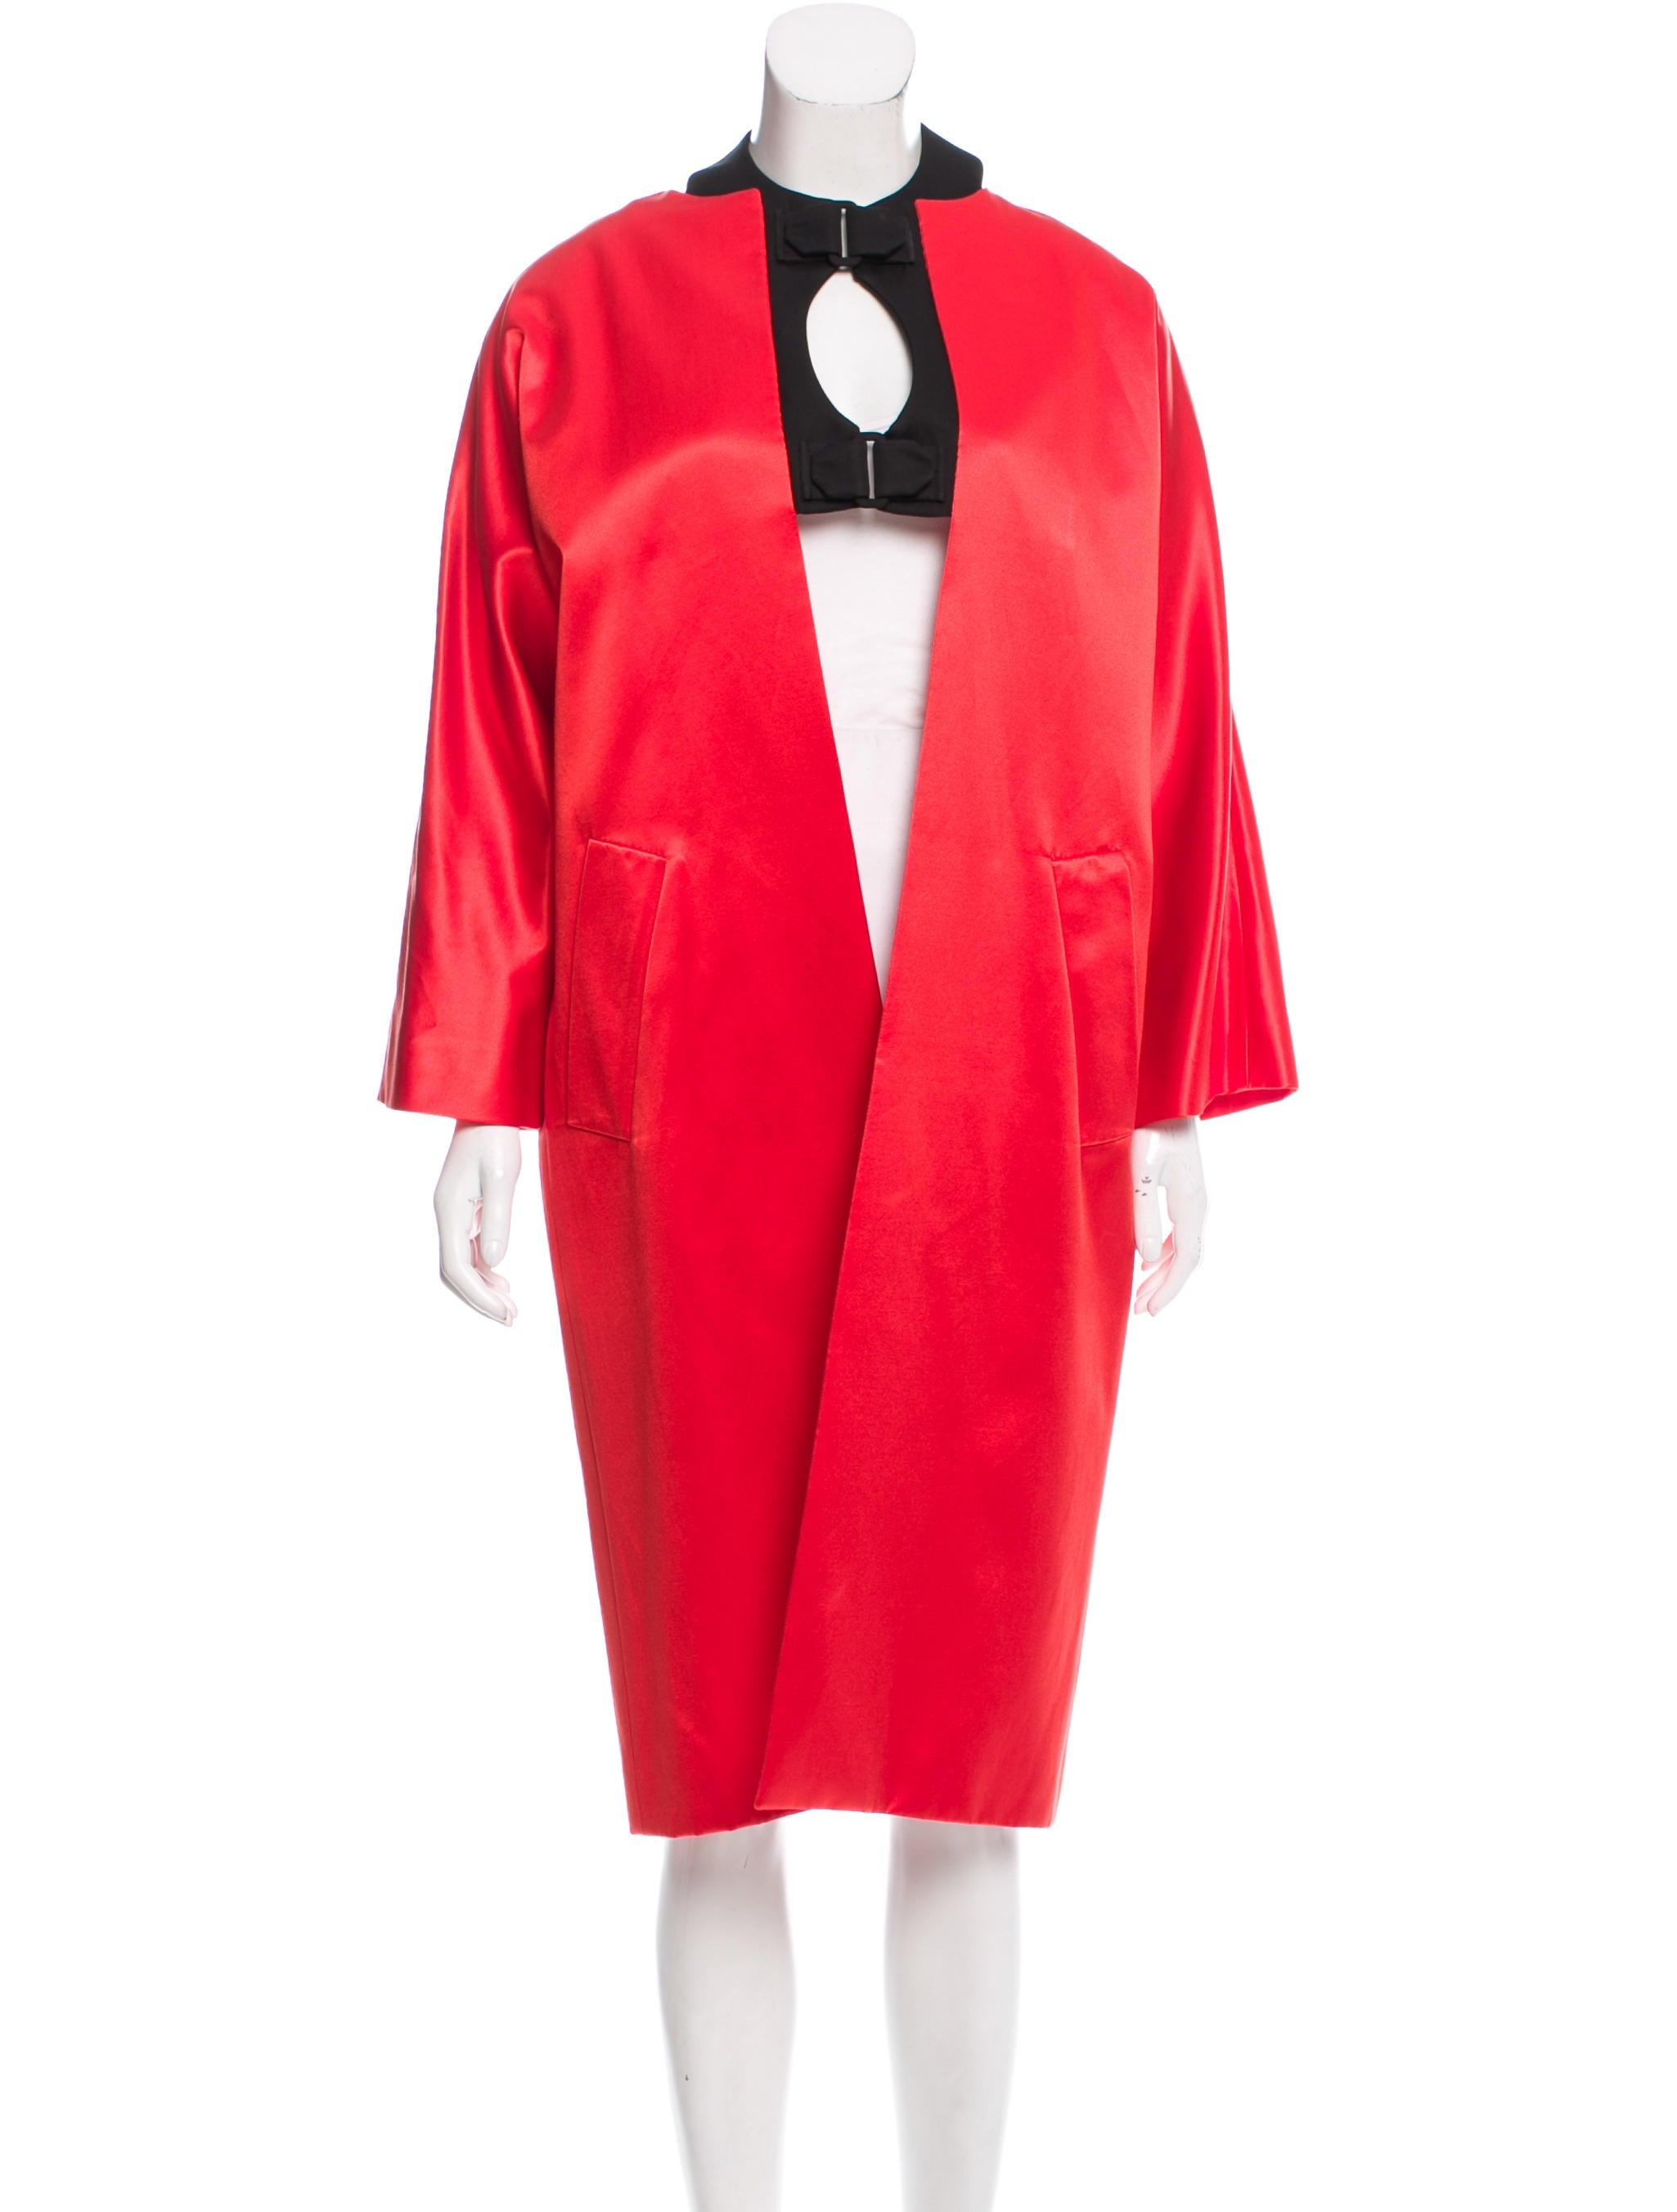 Christian Dior Oversize Long Jacket - Clothing